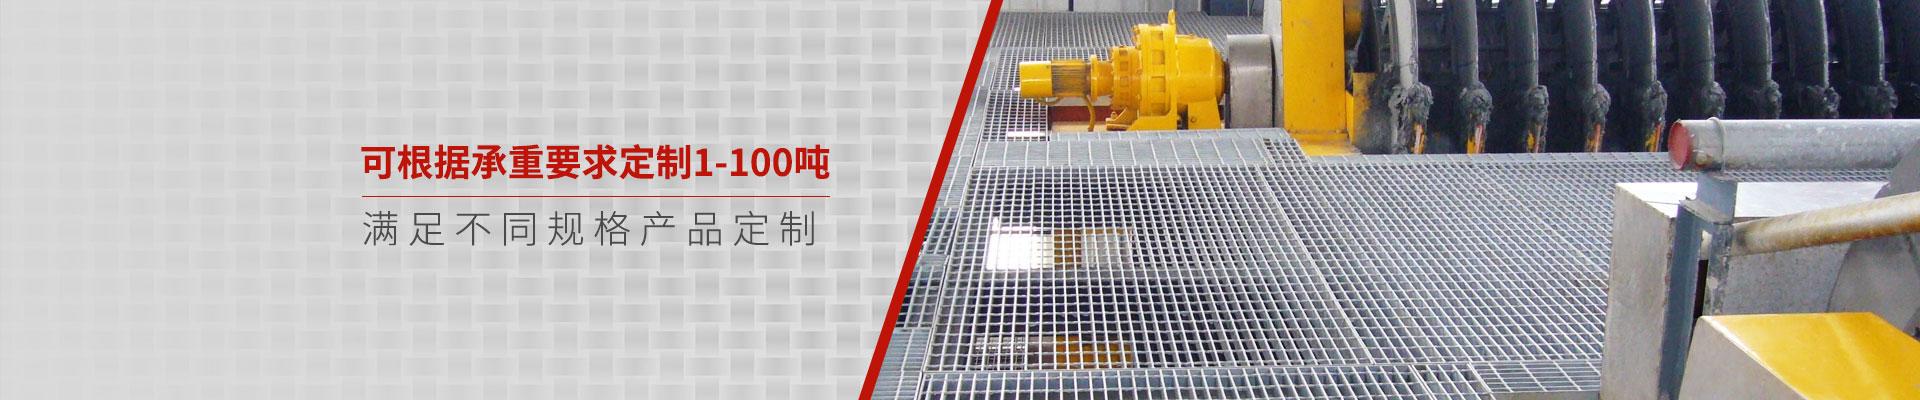 响达钢格板-可根据承重要求定制1-100吨 满足不同规格产品定制